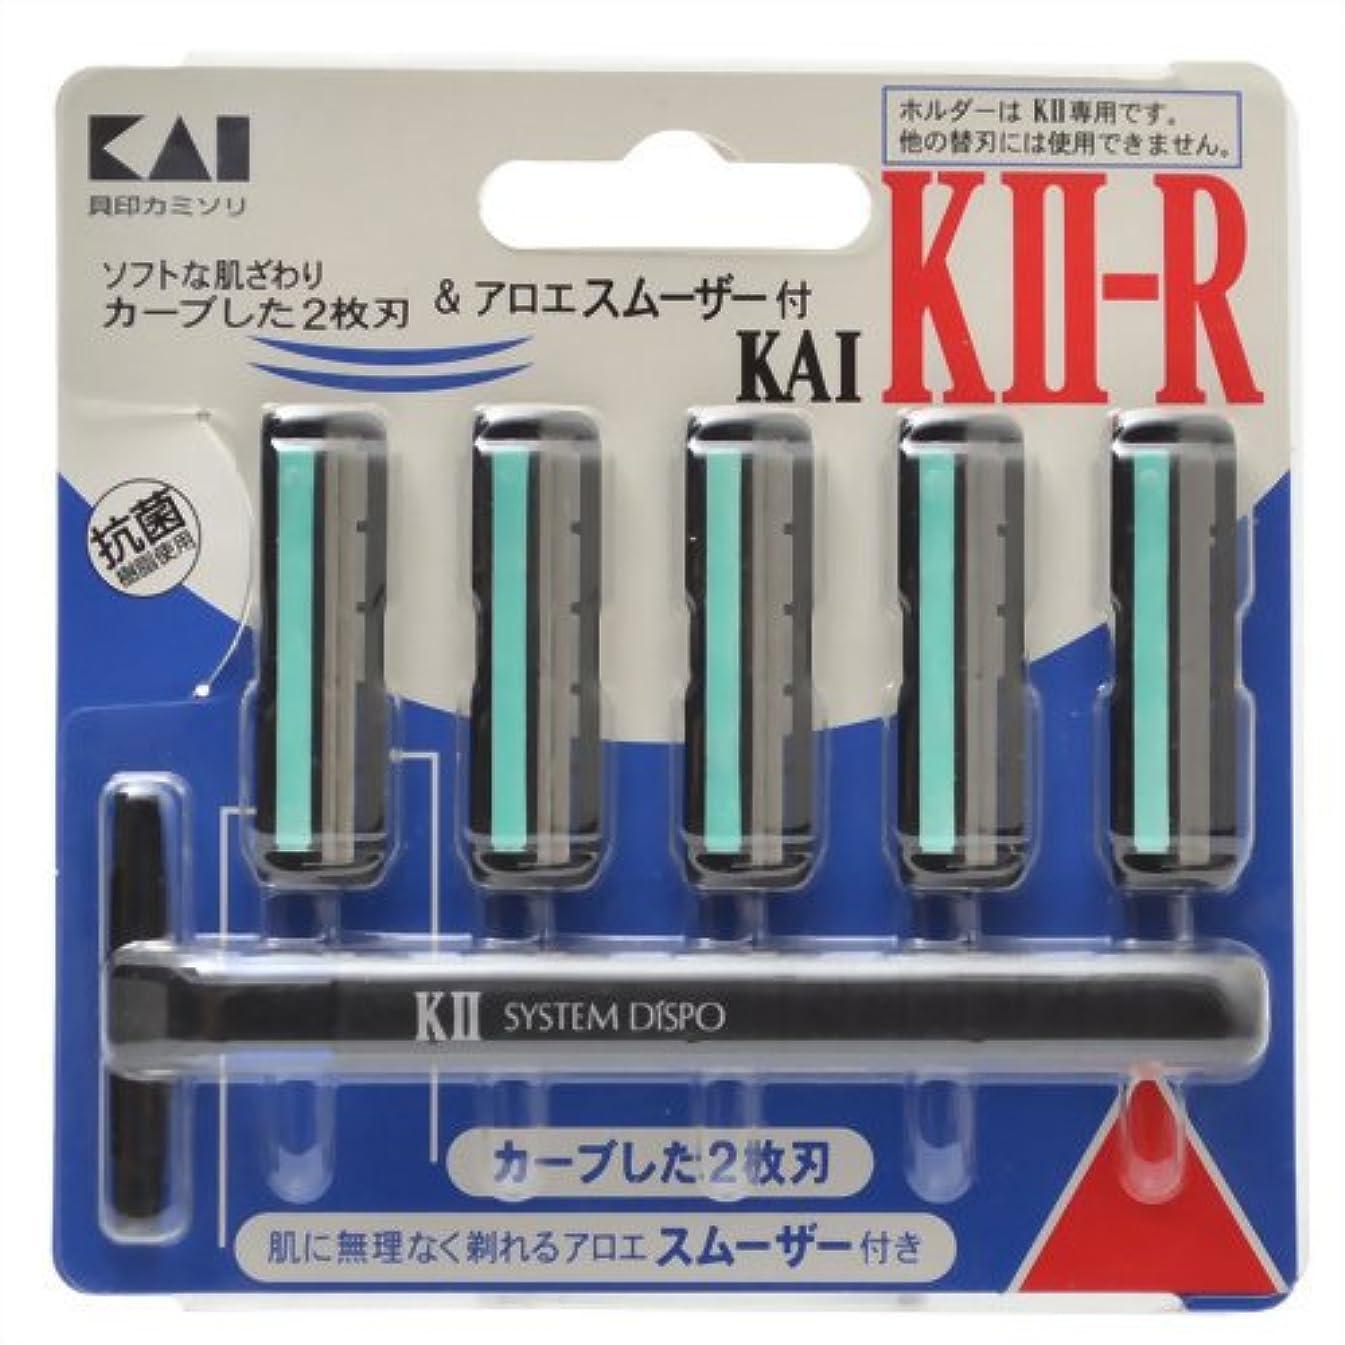 対処するお手伝いさんクロス貝印 KAI KII-R ひげそり用カミソリ アロエスムーザー付